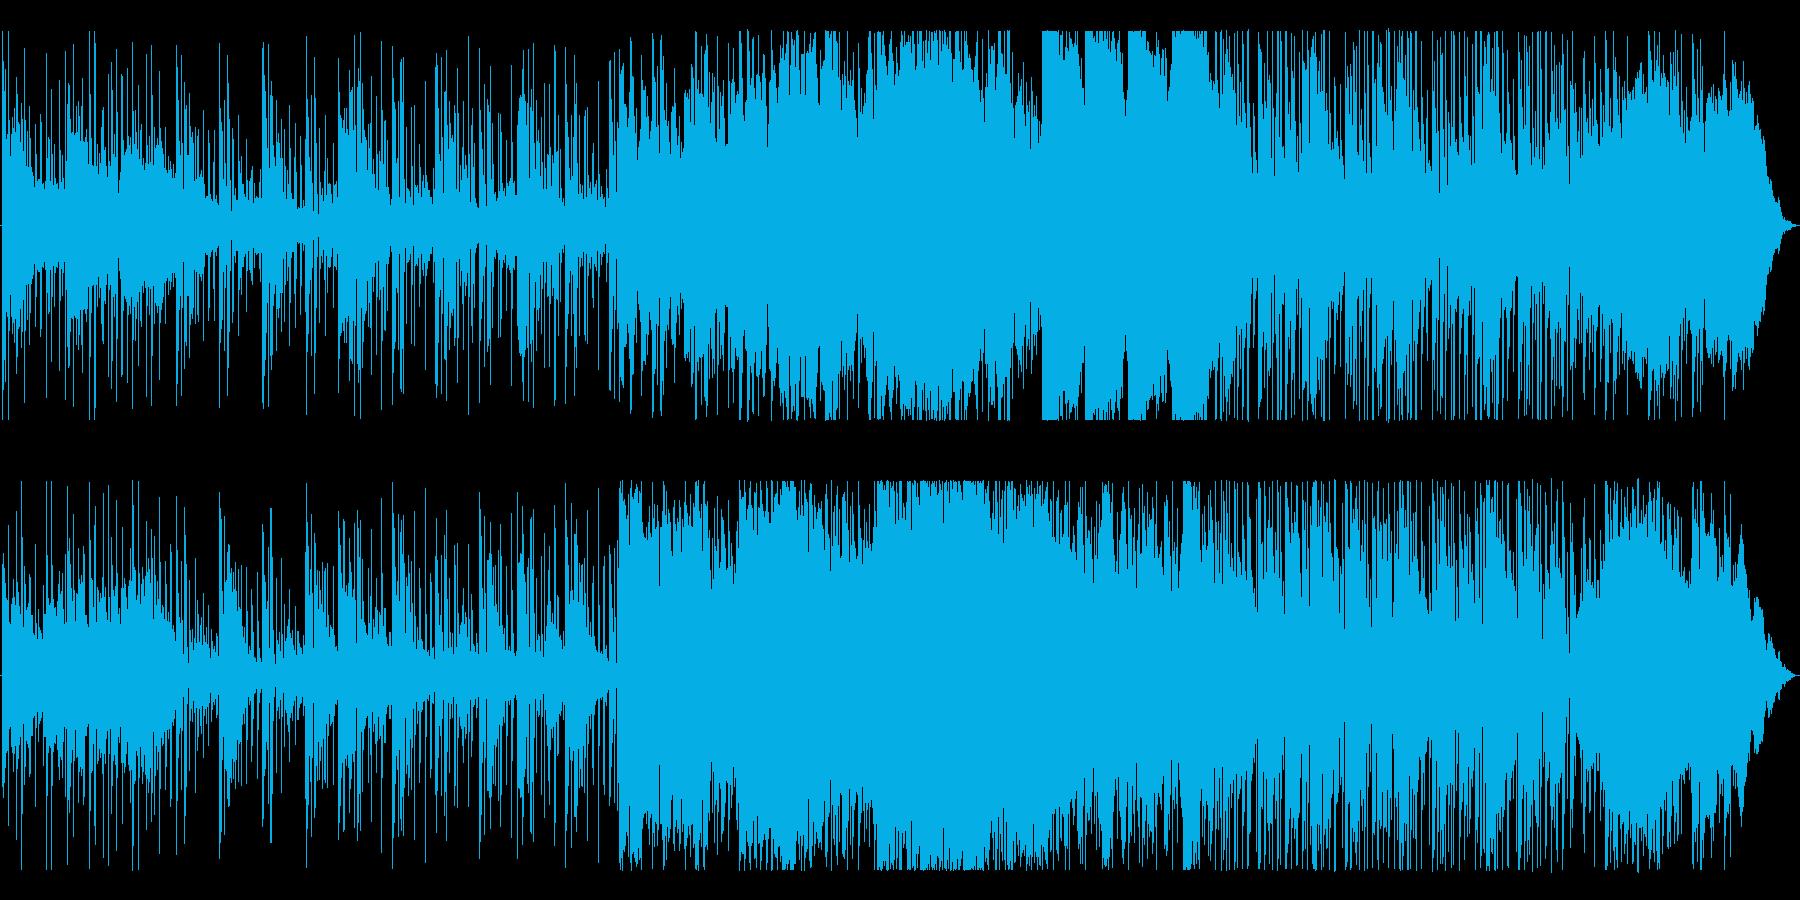 説明解説シーンに最適なアンビエントテクノの再生済みの波形